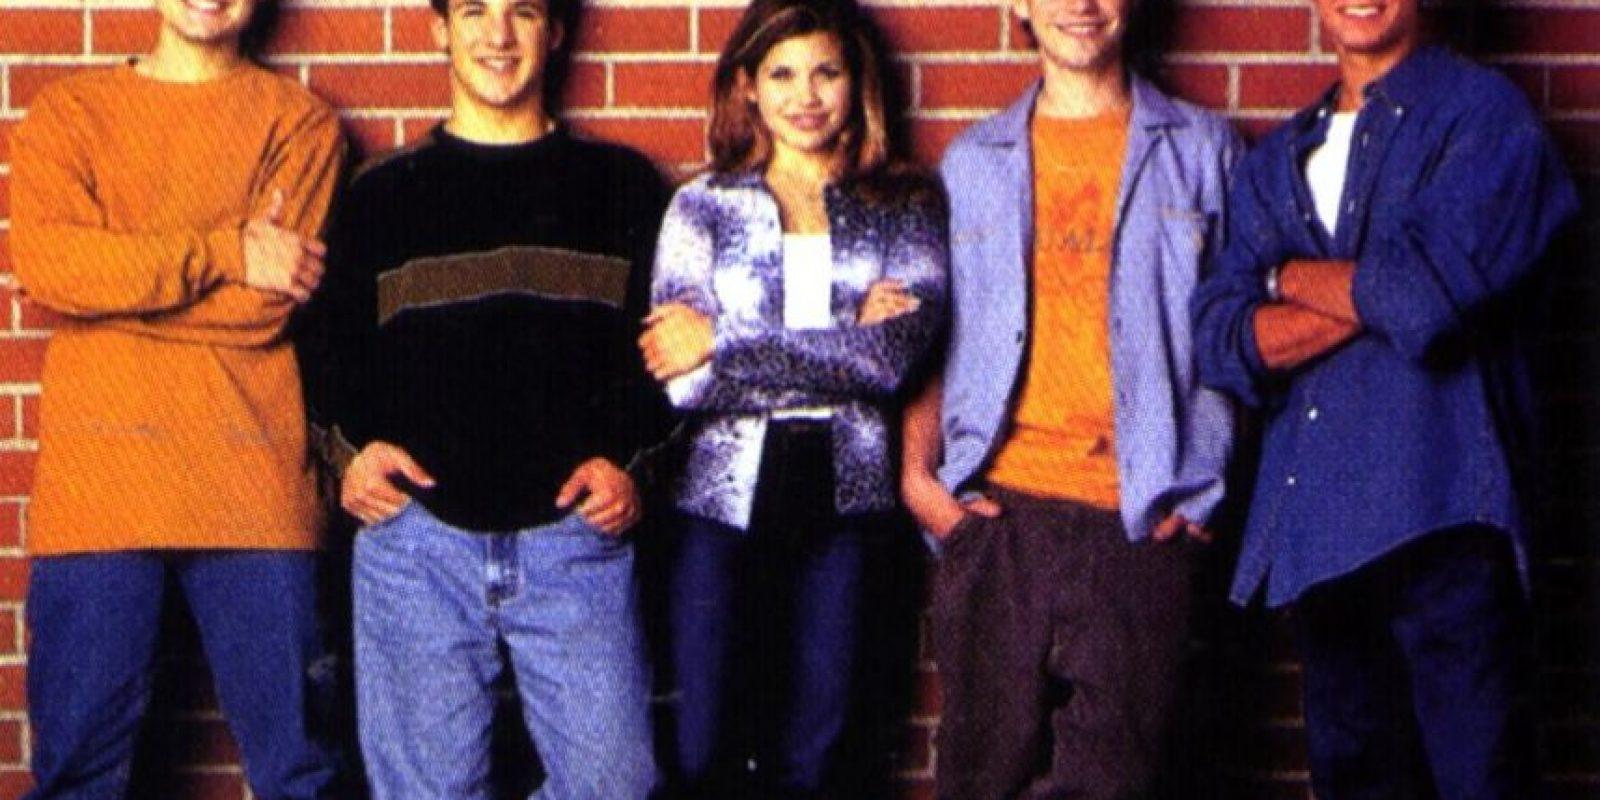 Boy Meets World tuvo 158 capítulos en 7 temporadas. Se emitió de 1993 al año 2000 Foto:Facebook: Ben Savage